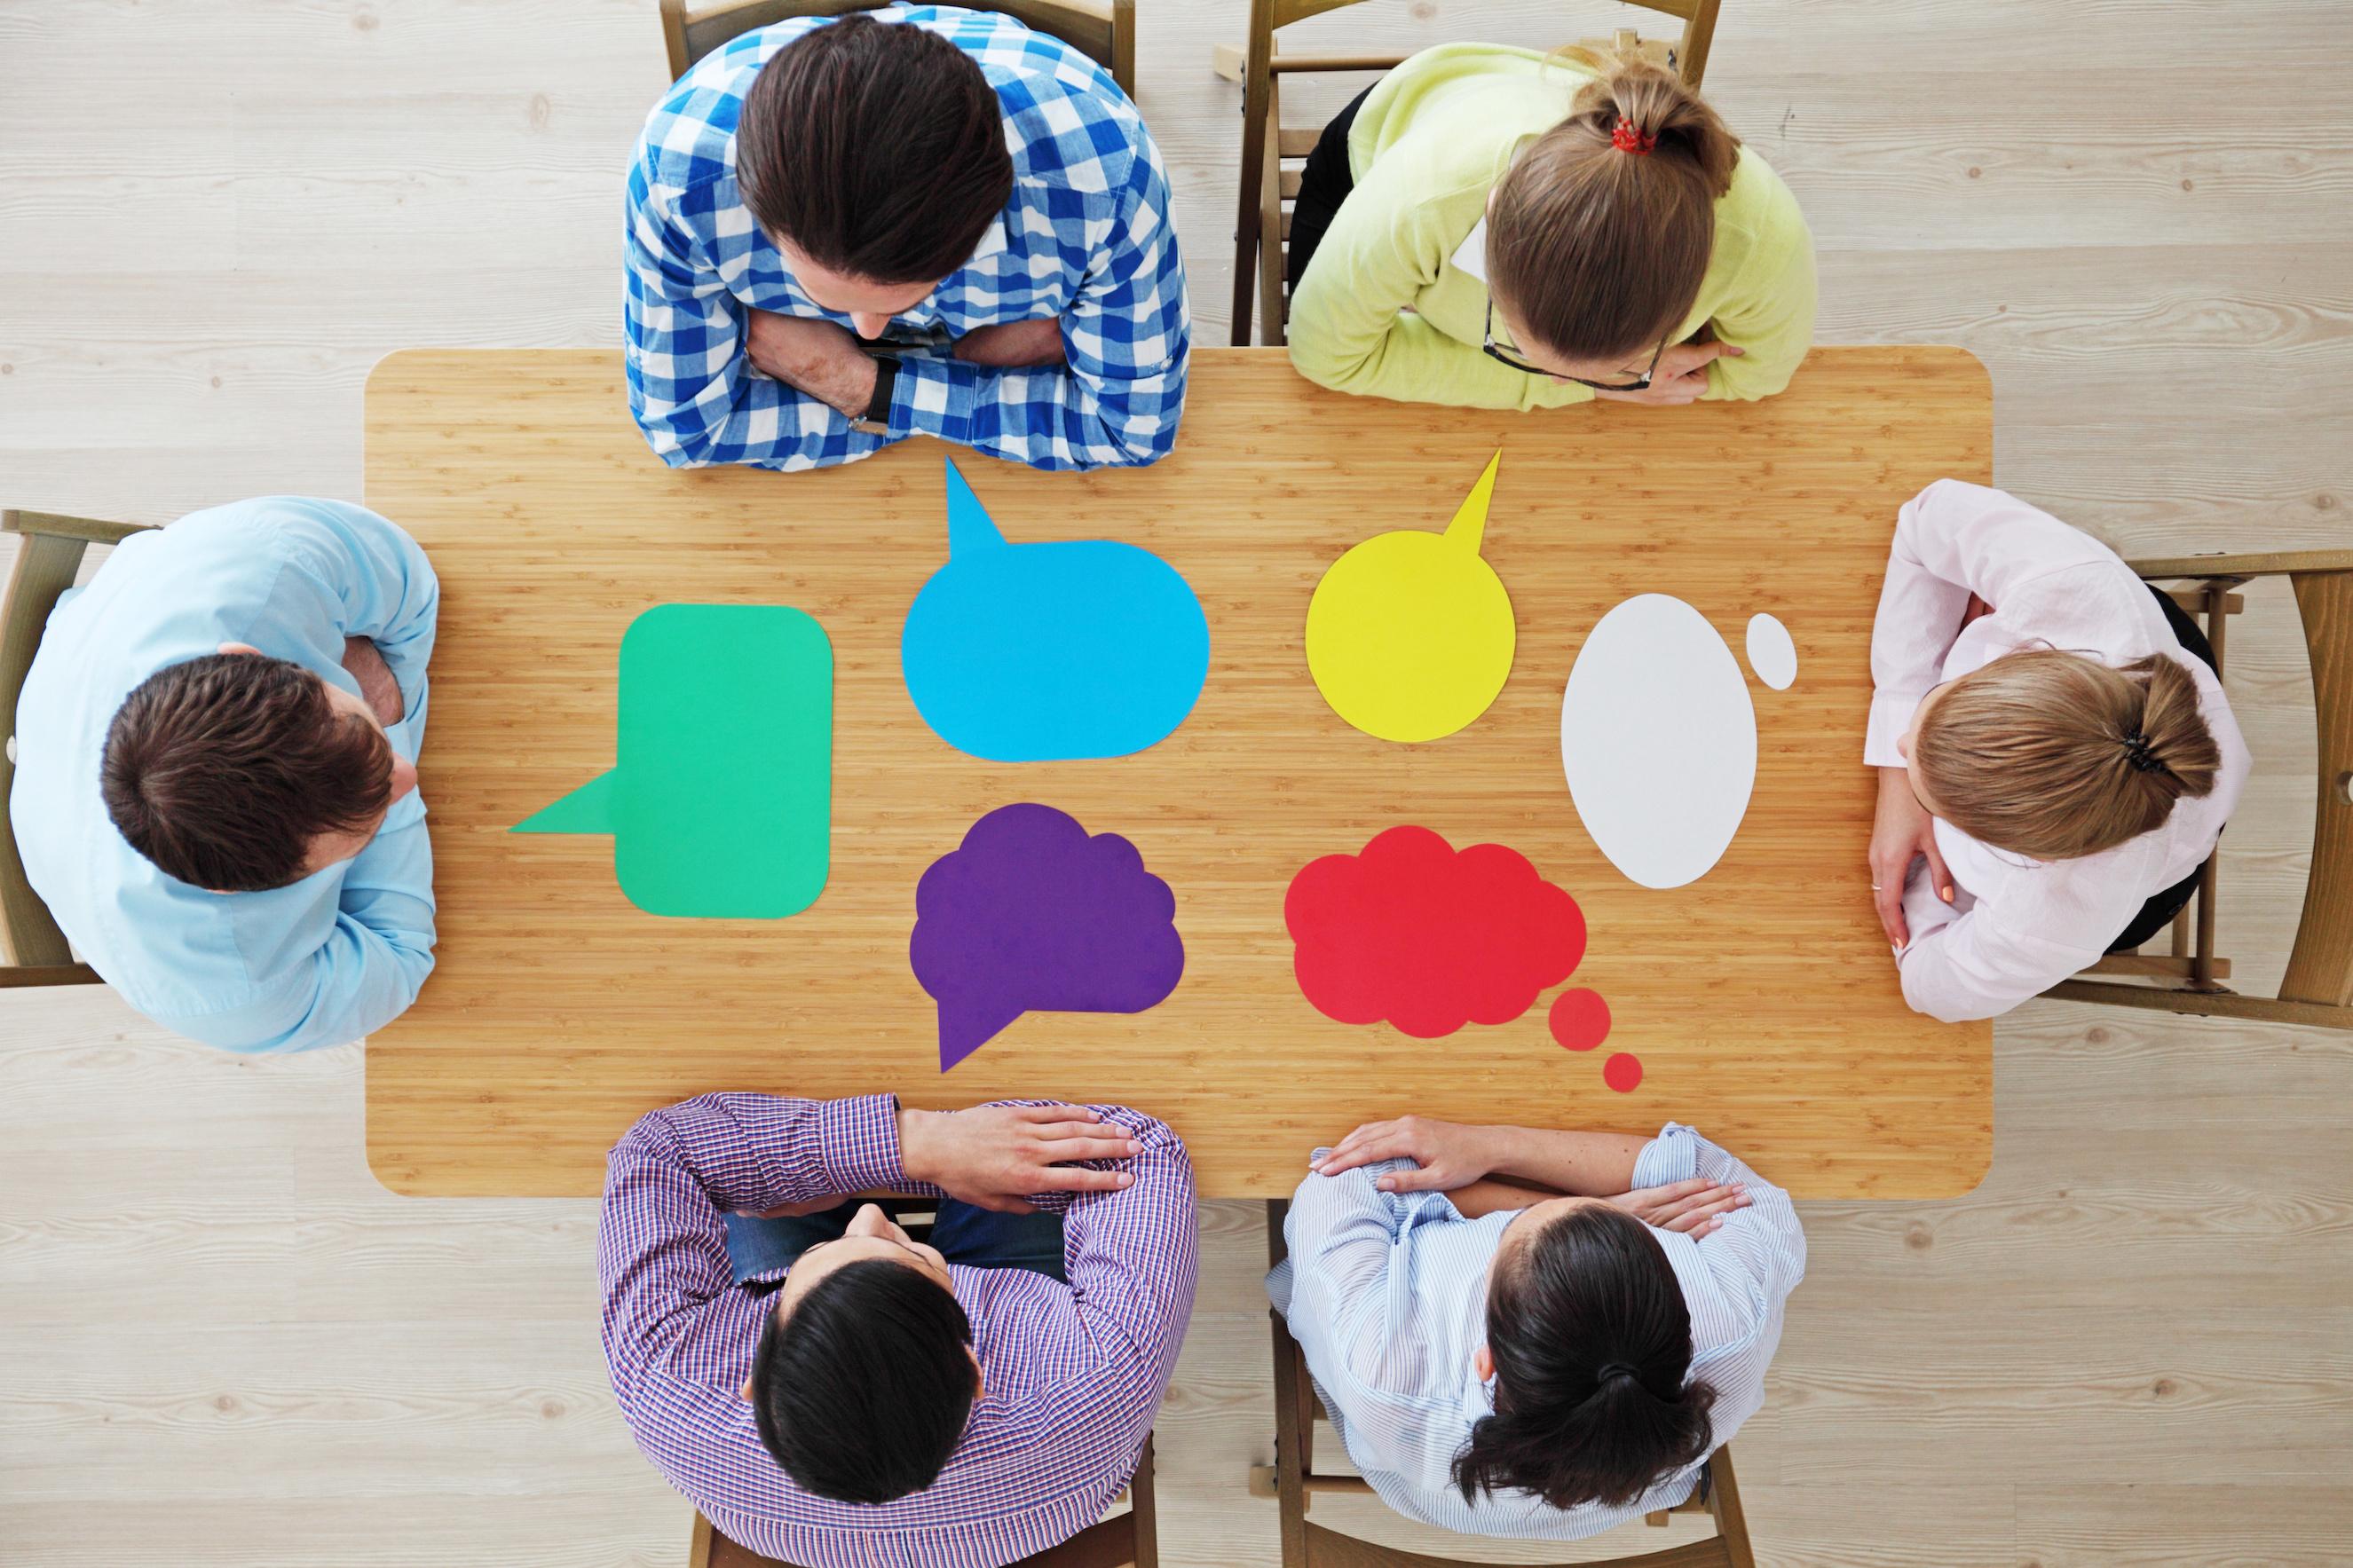 インフォグラフィックの作成について話し合うチーム